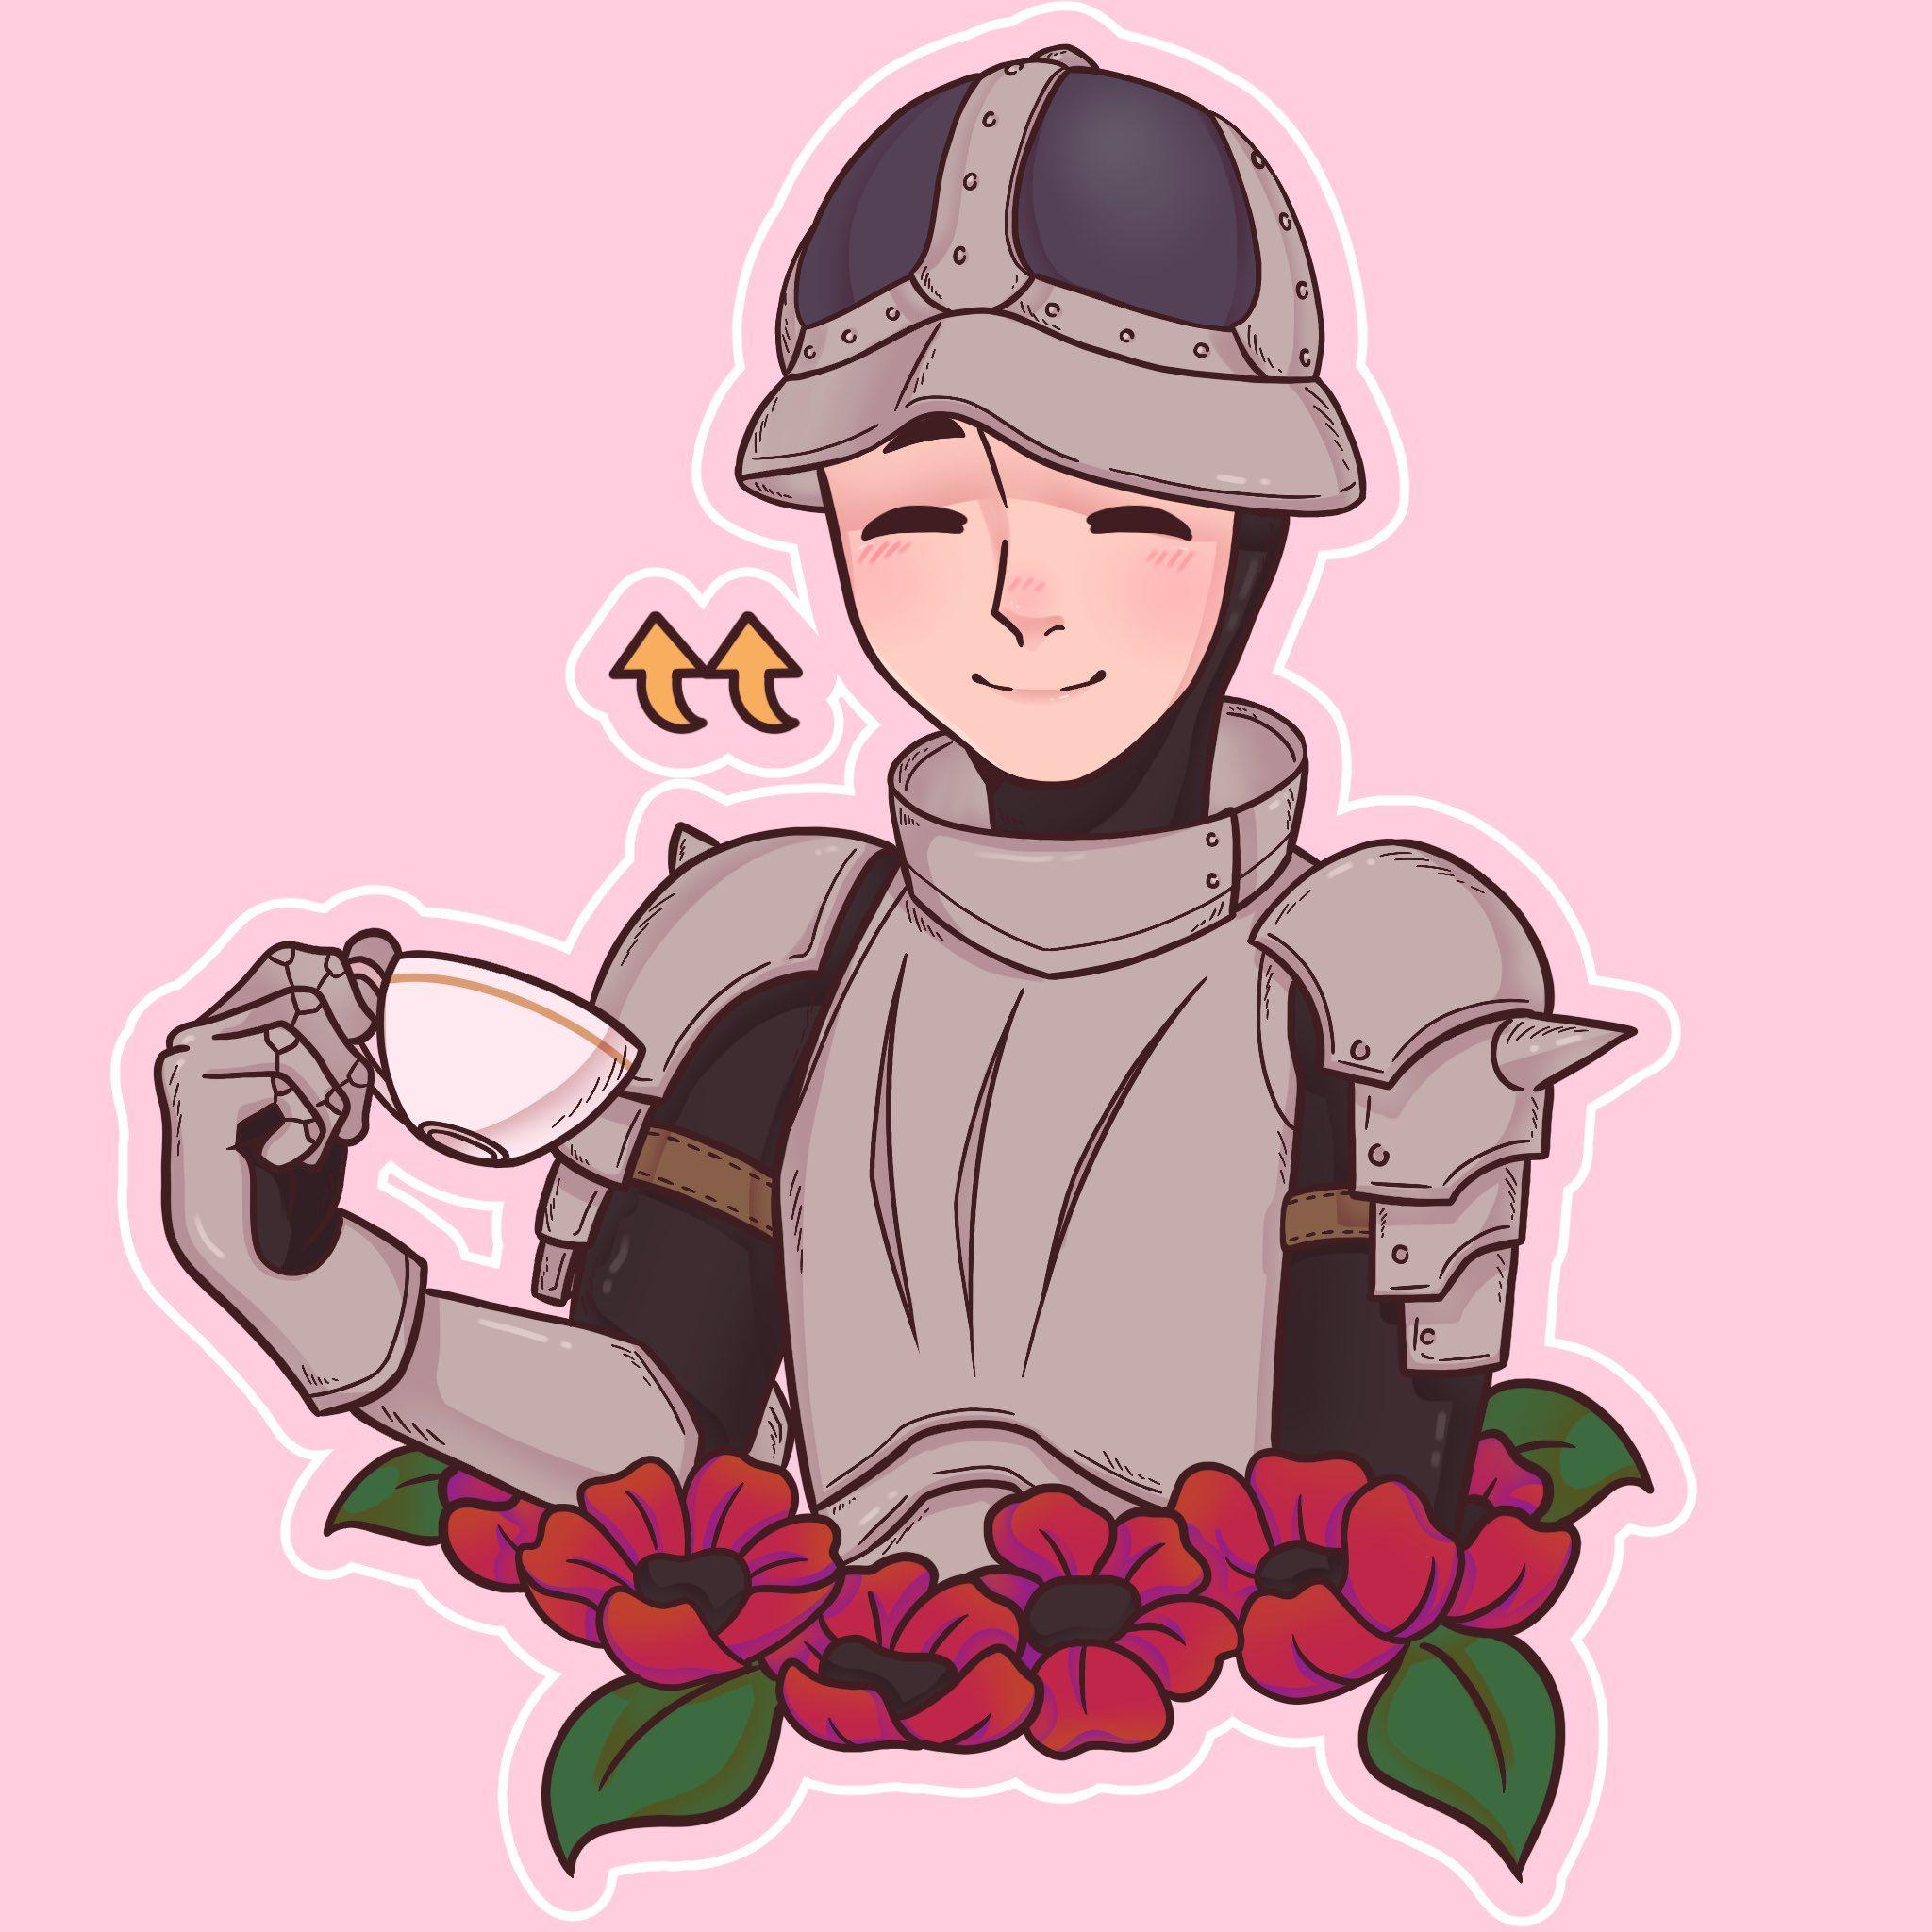 Gatekeeper Fire emblem, Emblems, Anime